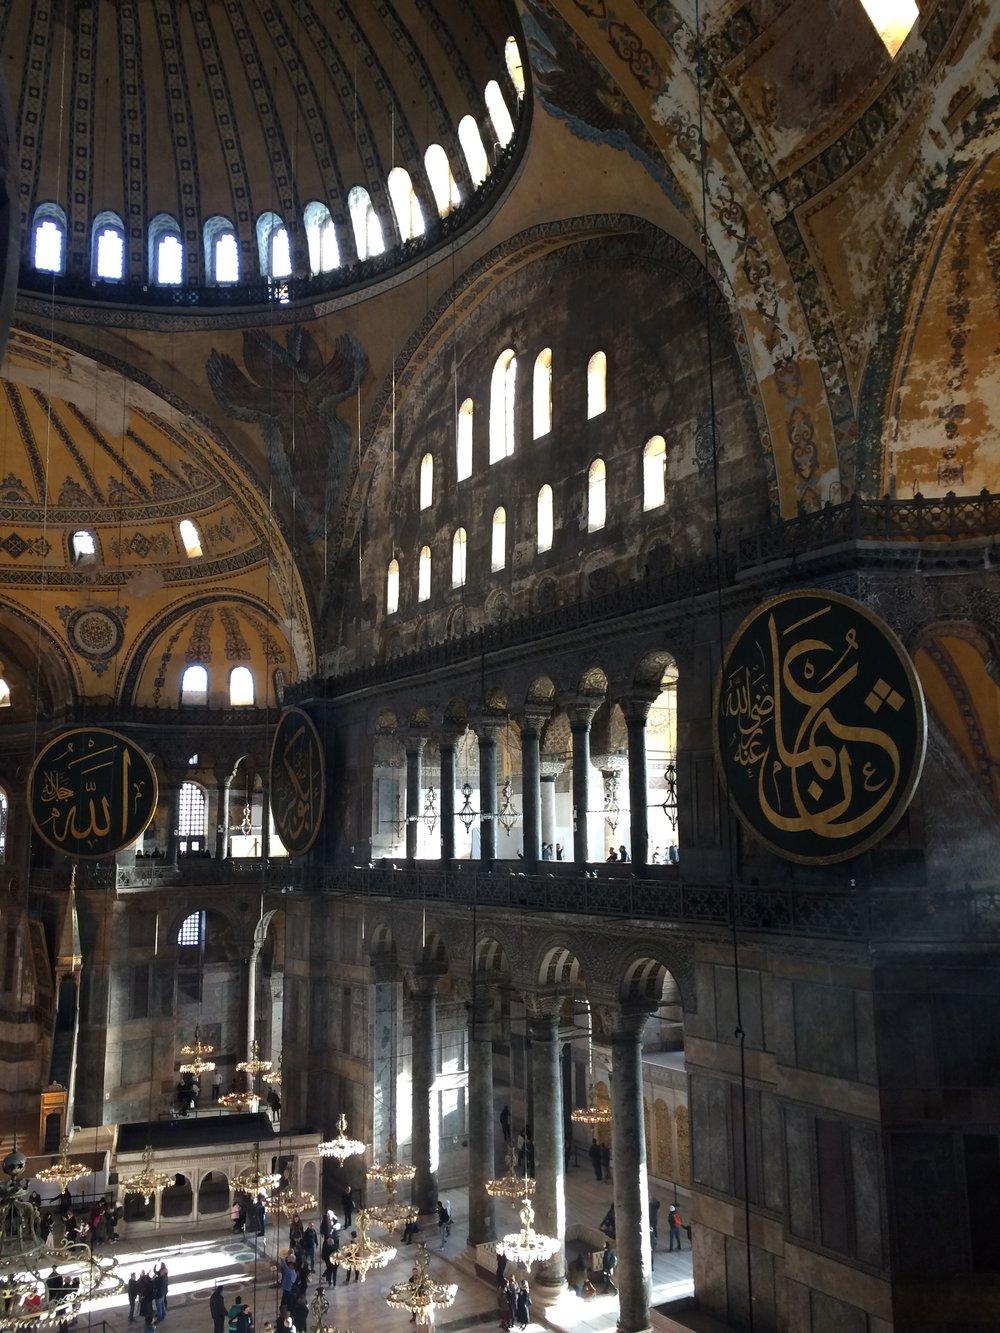 Inside the Ayasofya / Hagia Sophia.